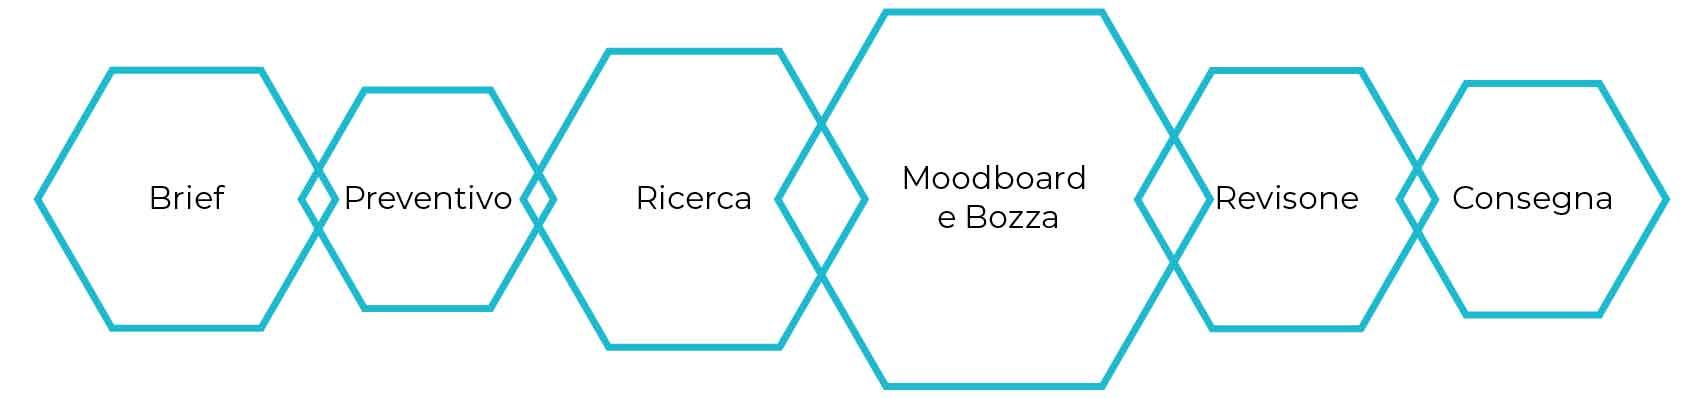 lv-design-realizzazione-siti-web-bologna-progettazione-grafica-2